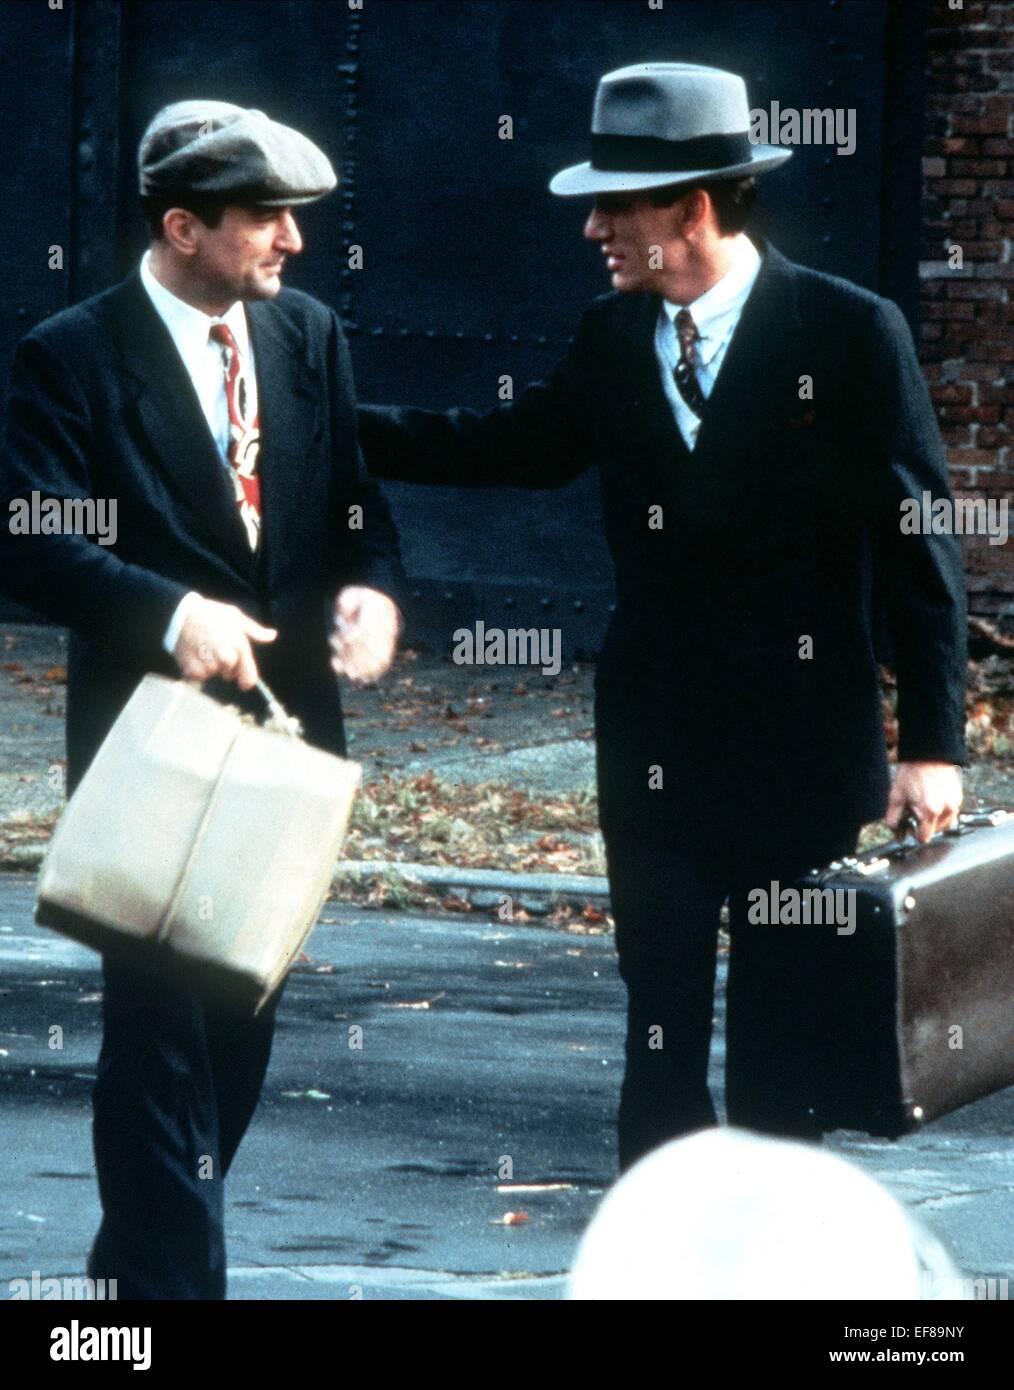 Dani Ceballos, Semedo son altos, bajos o medios - Página 2 Robert-de-niro-james-woods-once-upon-a-time-in-america-1984-EF89NY